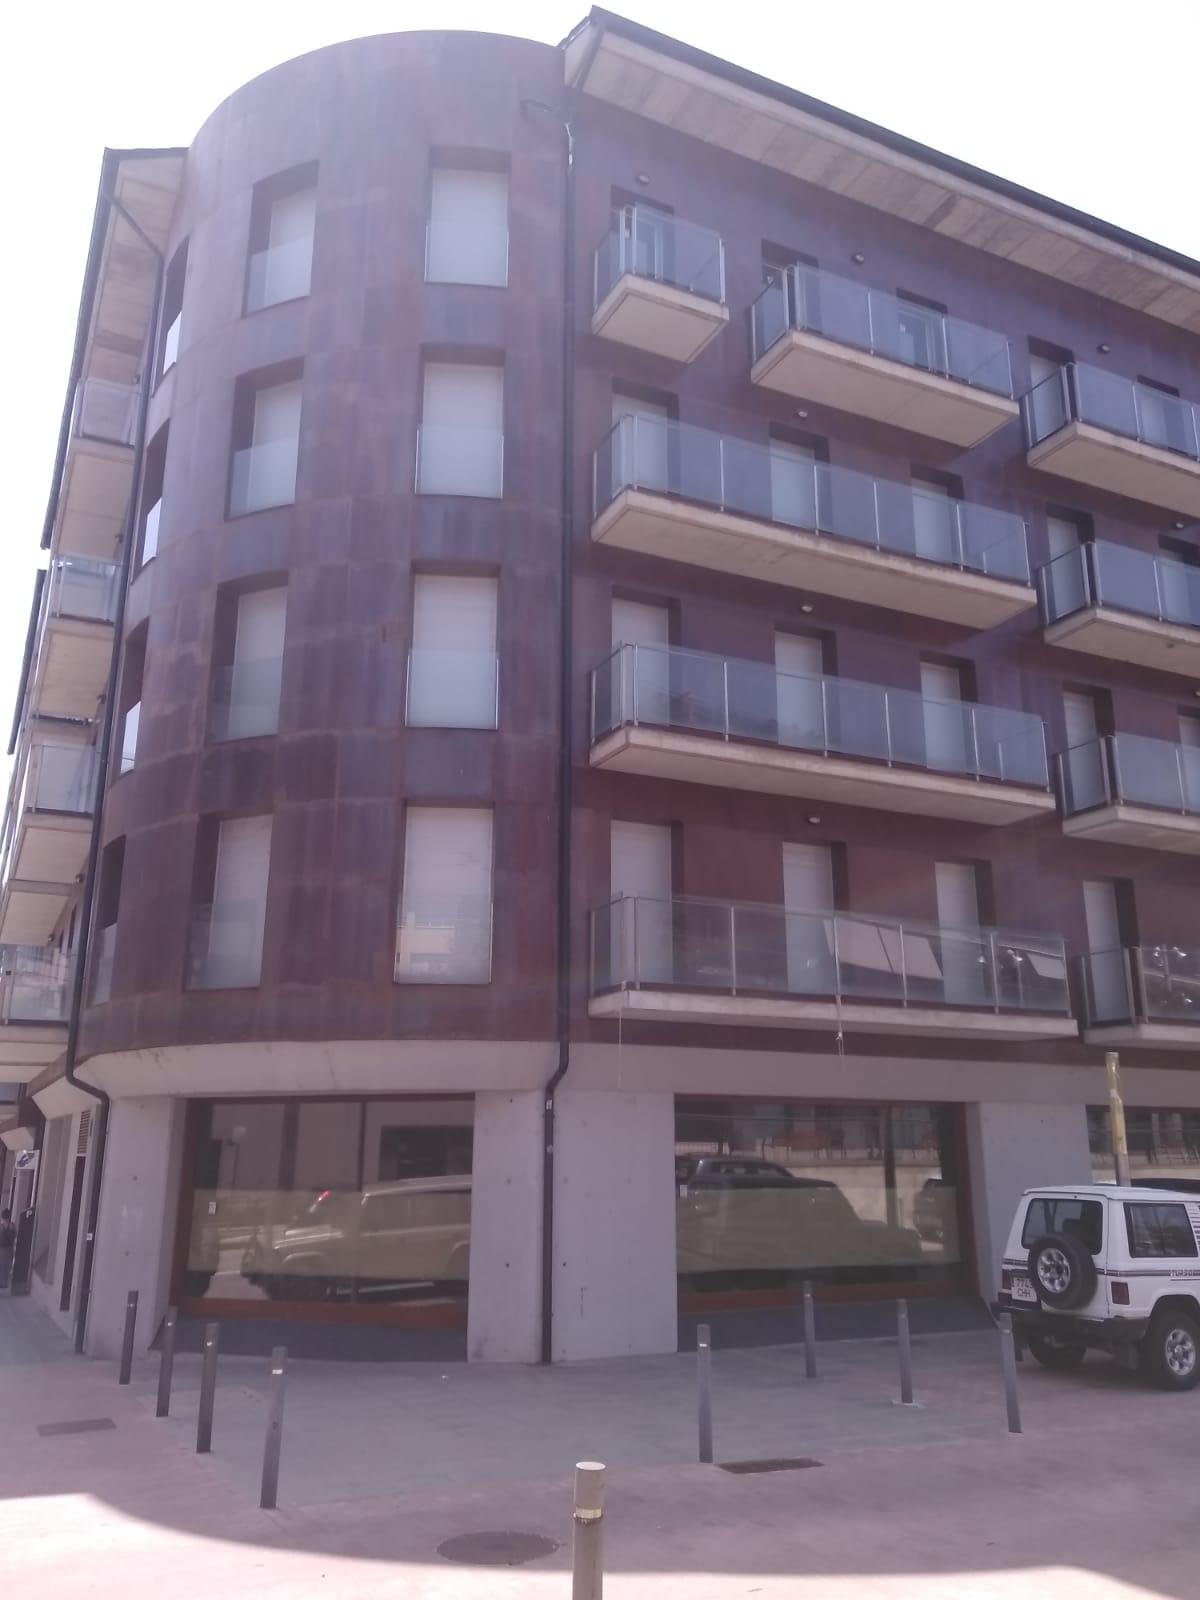 Sota mínims el parc de pisos disponible a la Seu d'Urgell